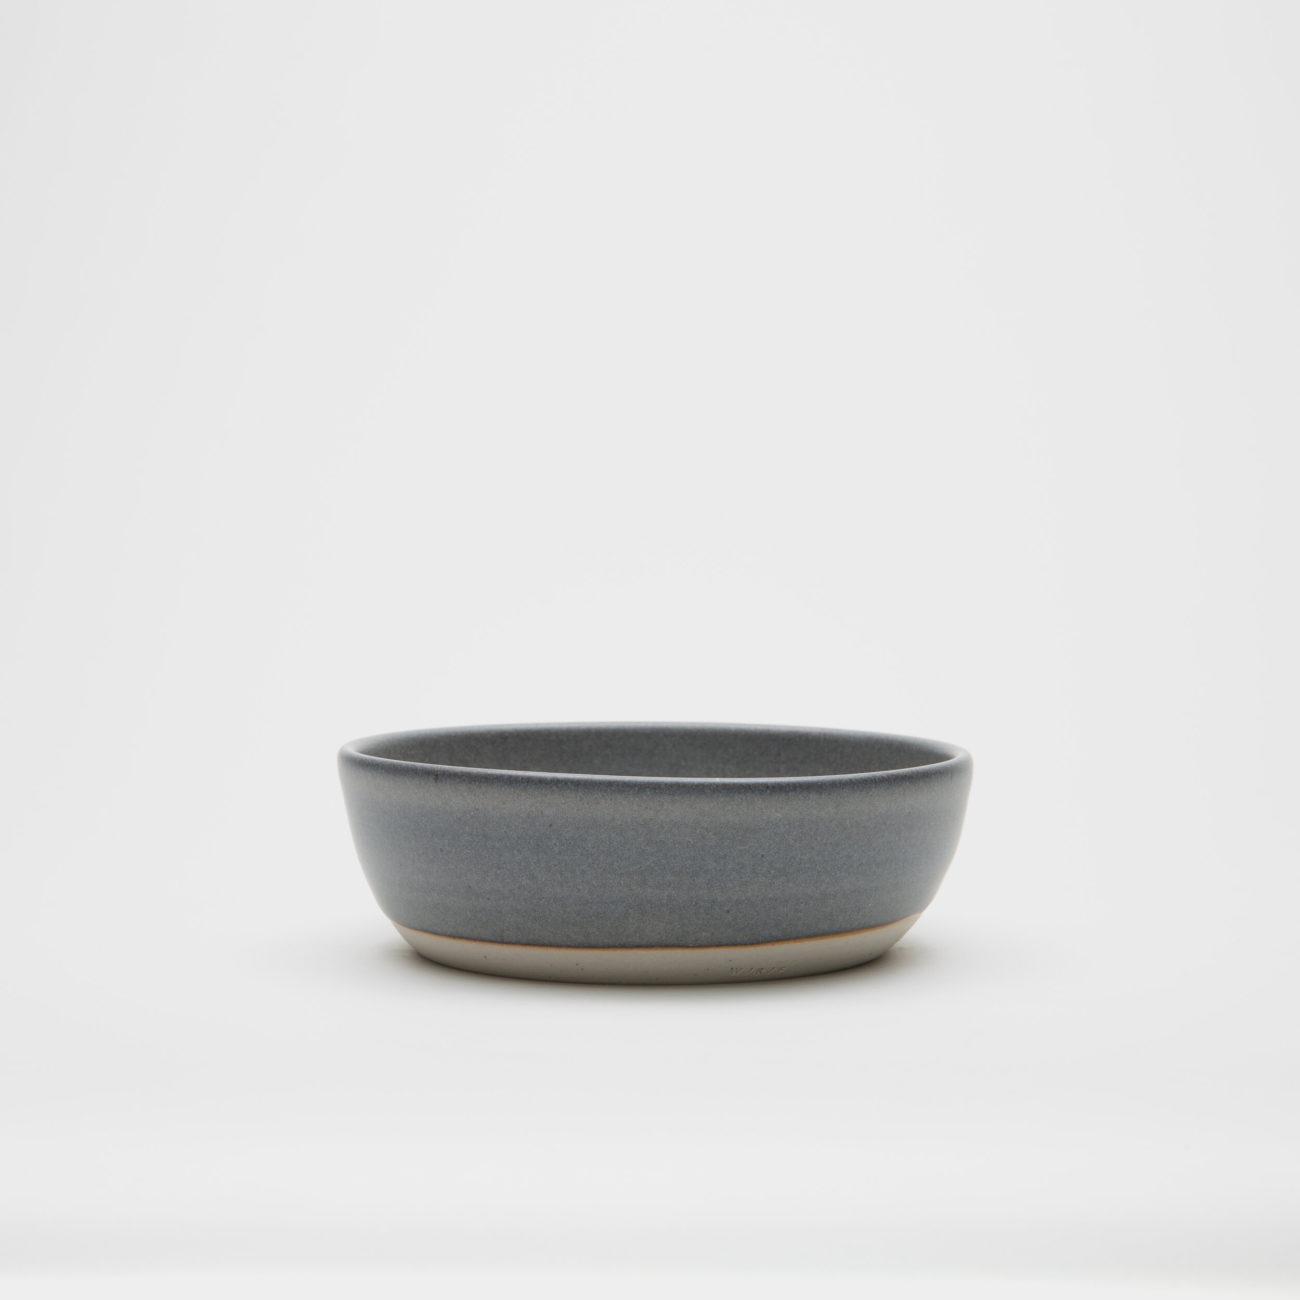 Small Round Ceramic Plate, Ash Matte